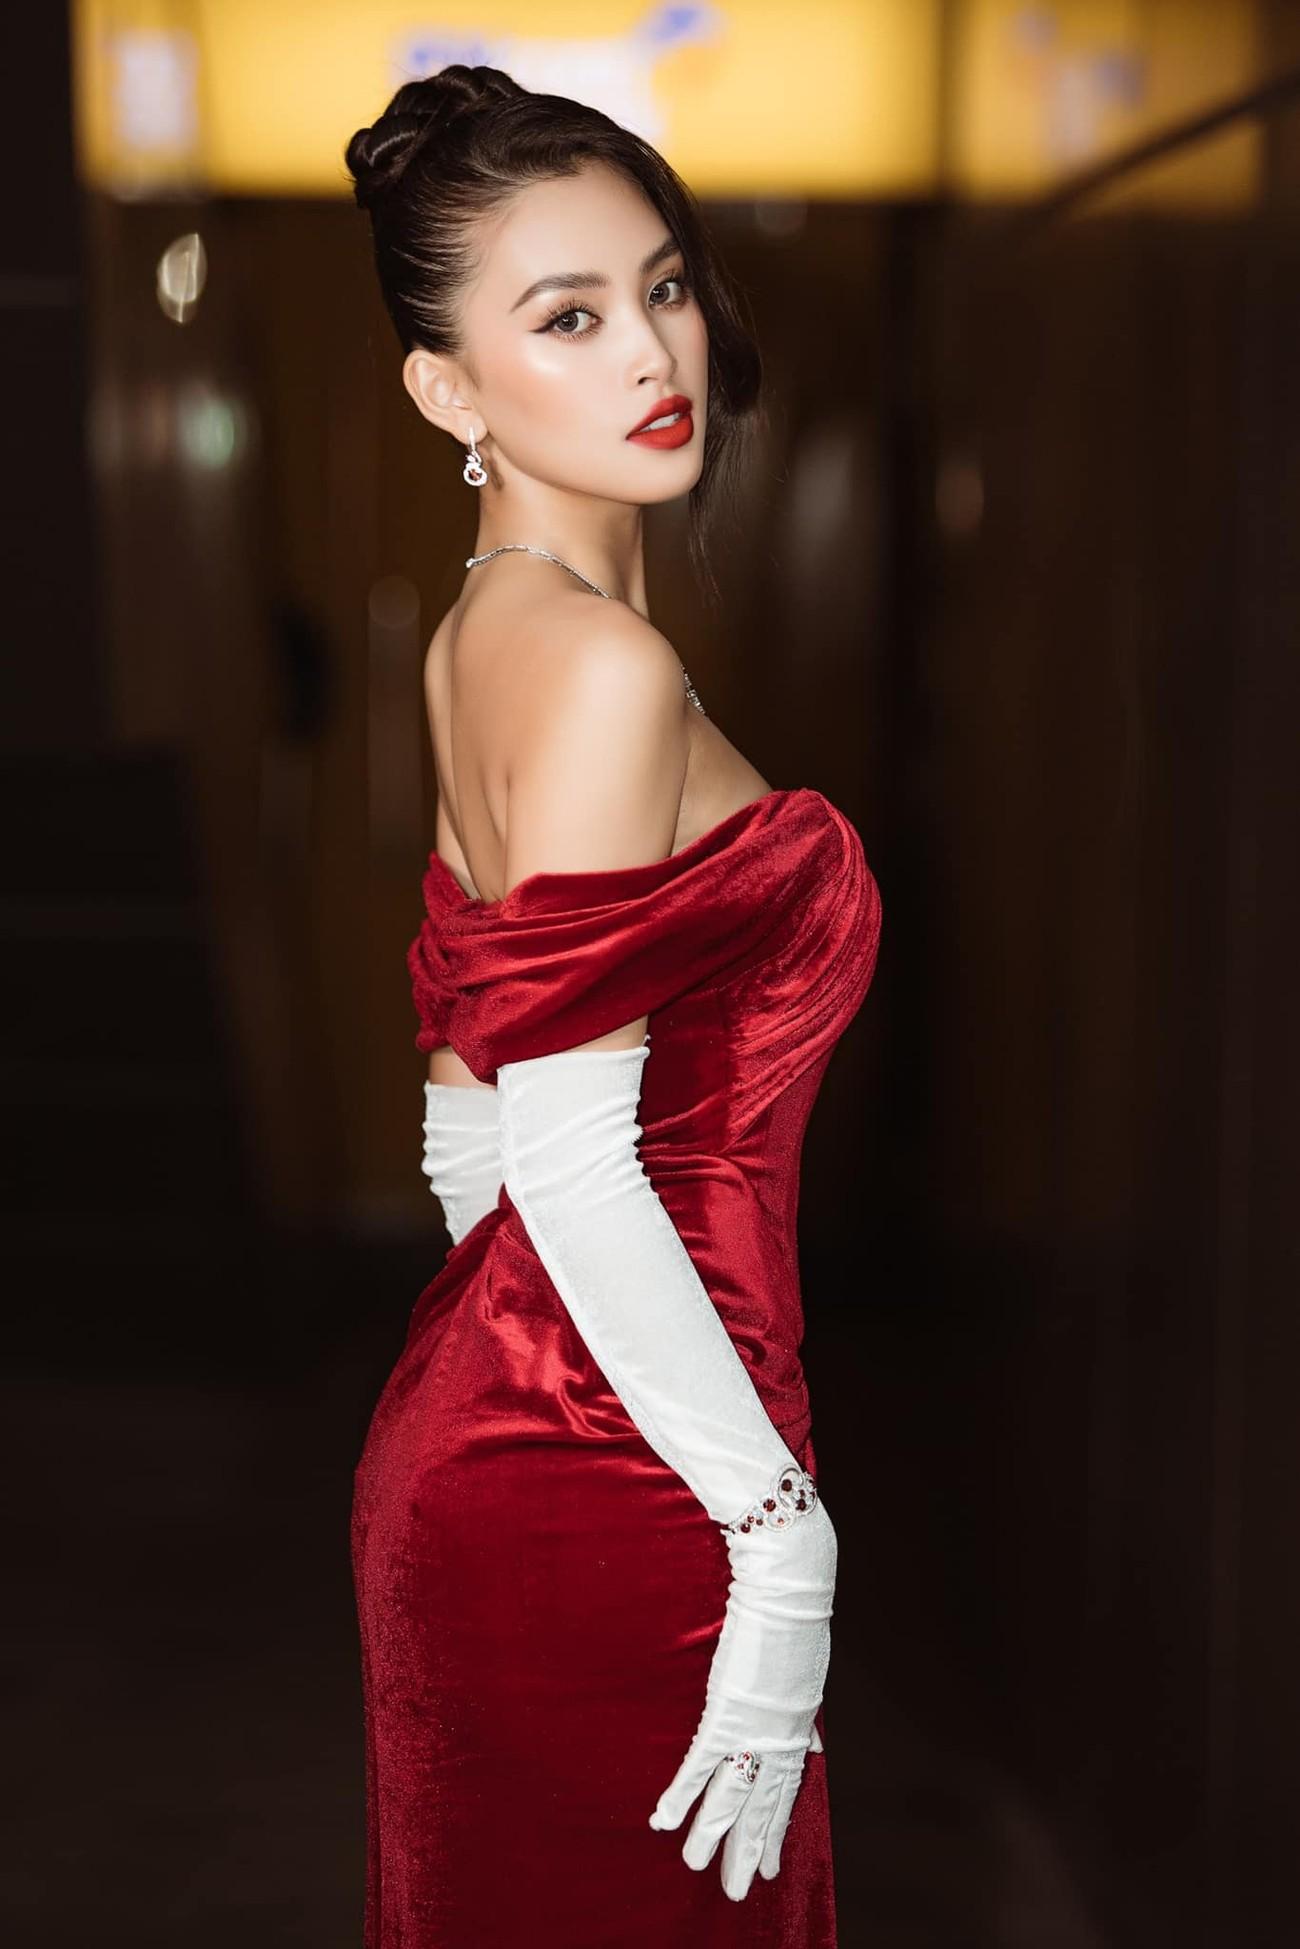 Nhan sắc 'thăng hạng' đầy nóng bỏng của Hoa hậu Tiểu Vy sau khi hết nhiệm kỳ ảnh 2